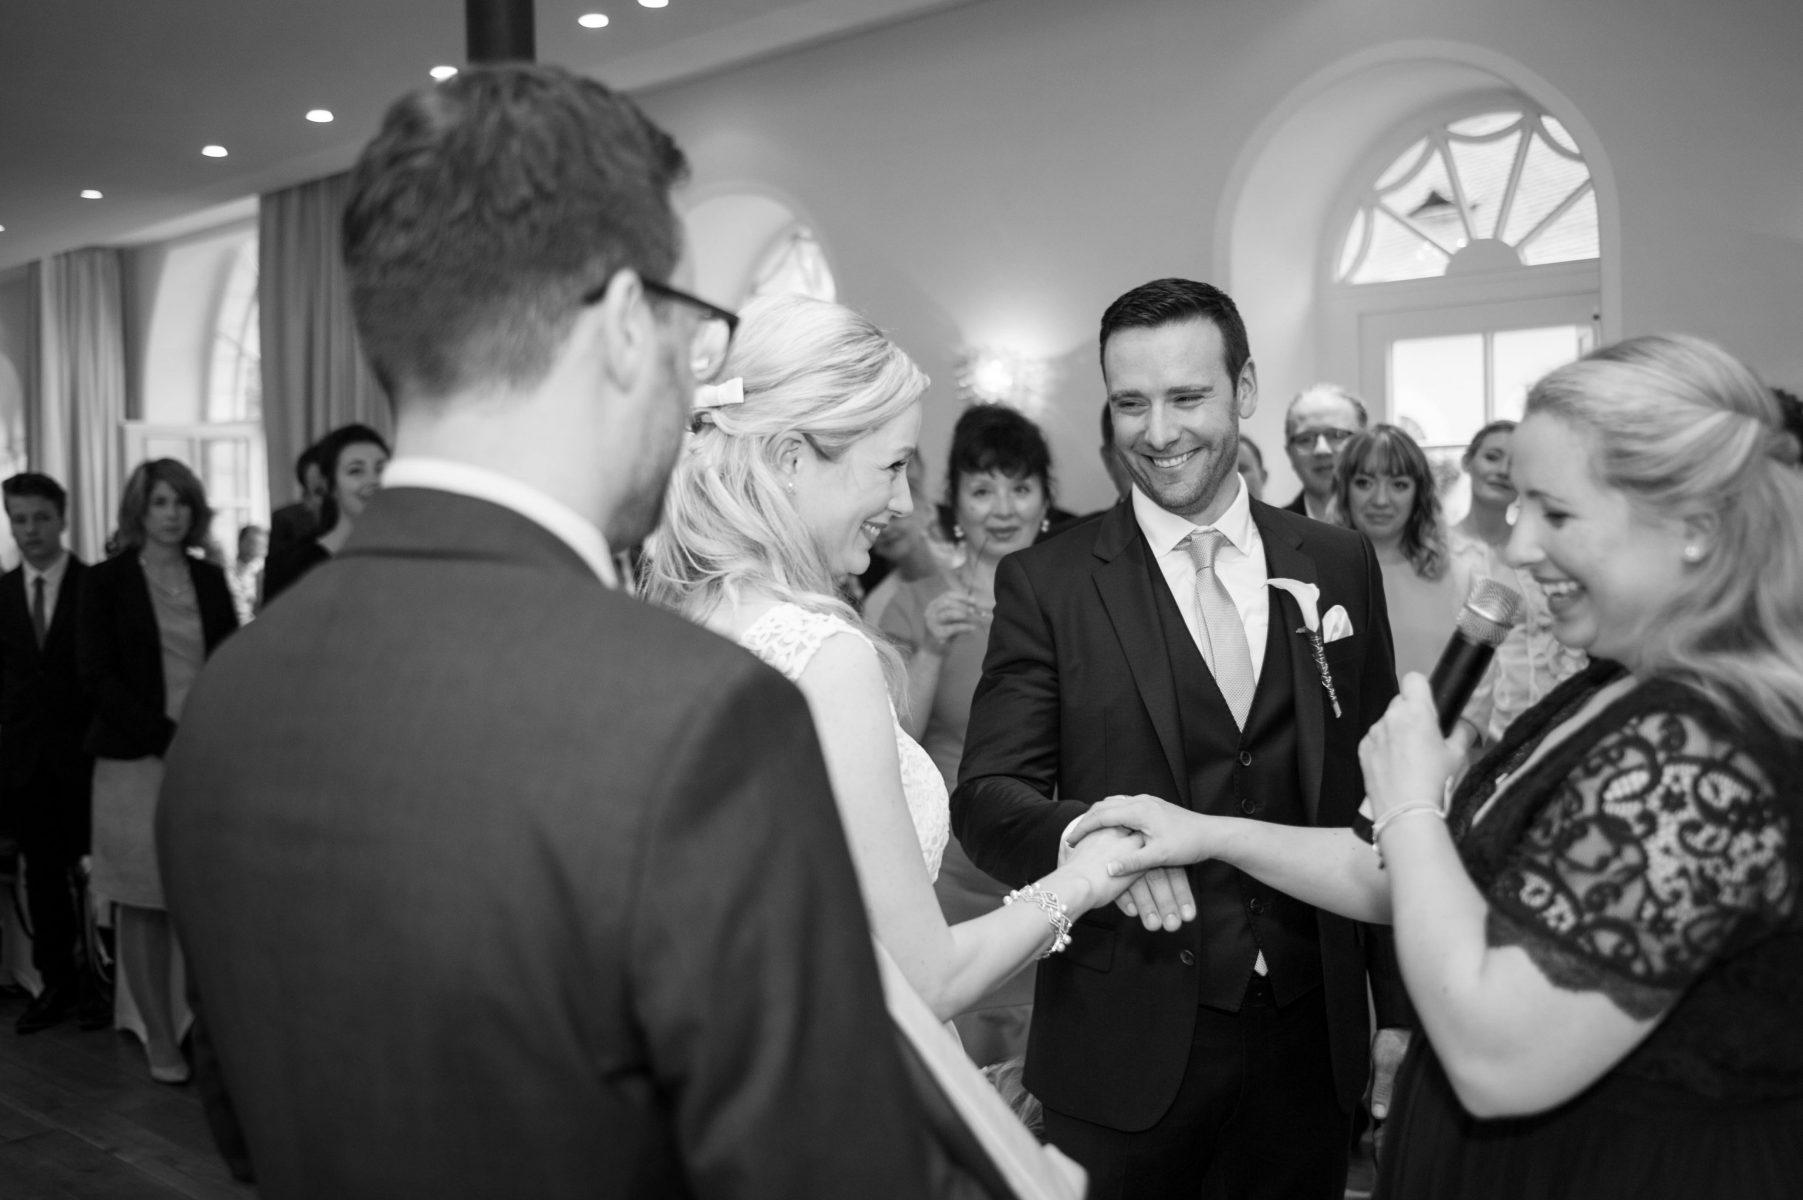 Hochzeit Gratulation B2000 225978 1803x1200 - Trauung